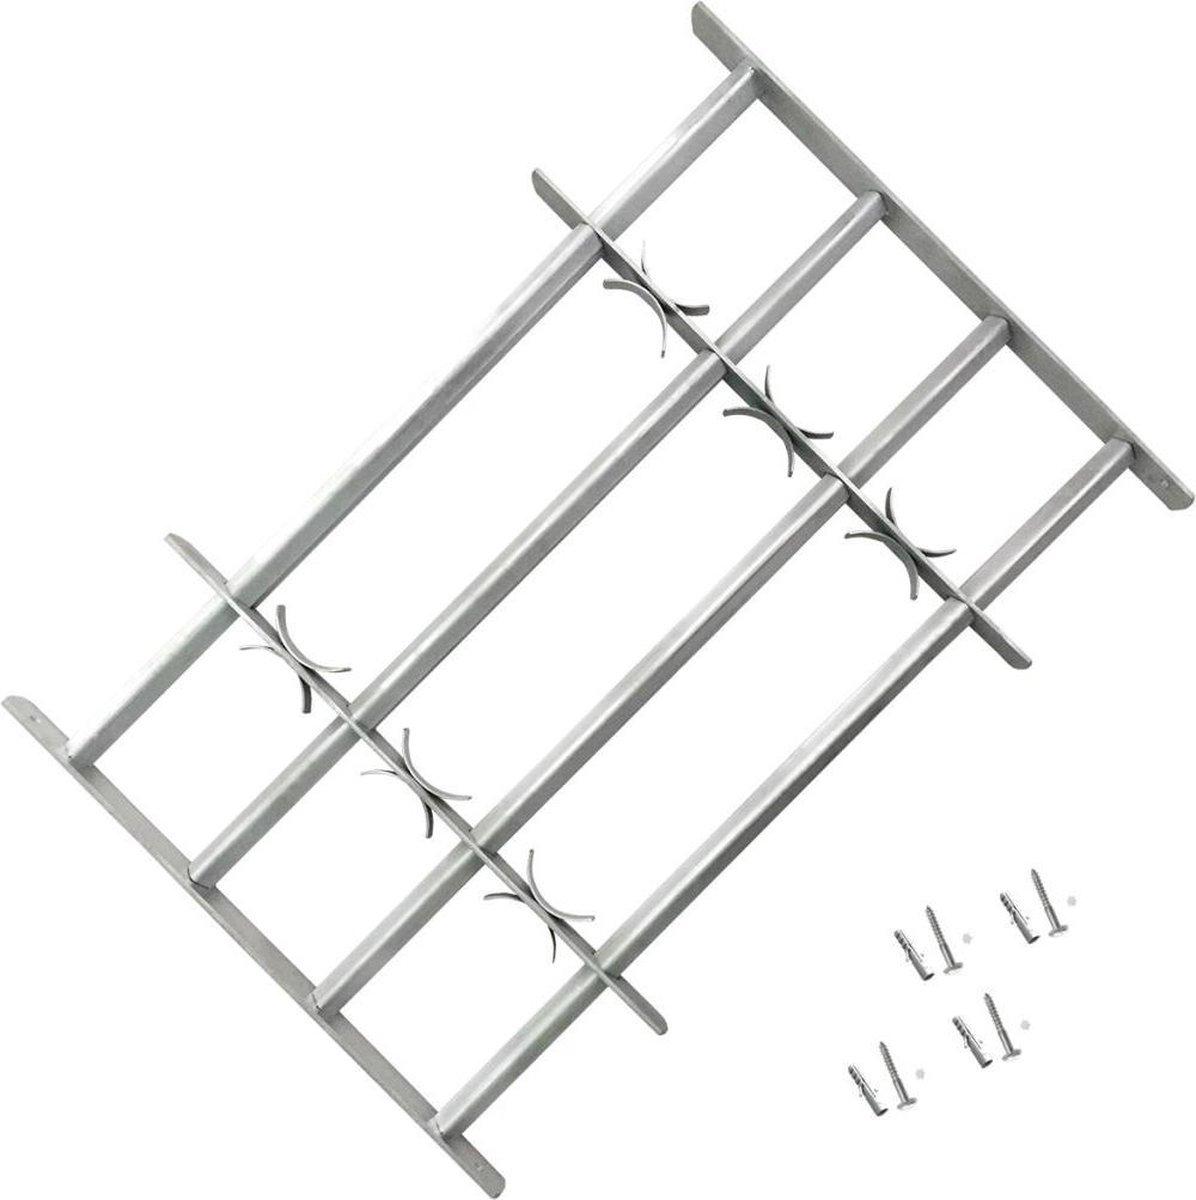 vidaXL Raambeveiliging verstelbaar met 4 dwarsstangen 500-650 mm